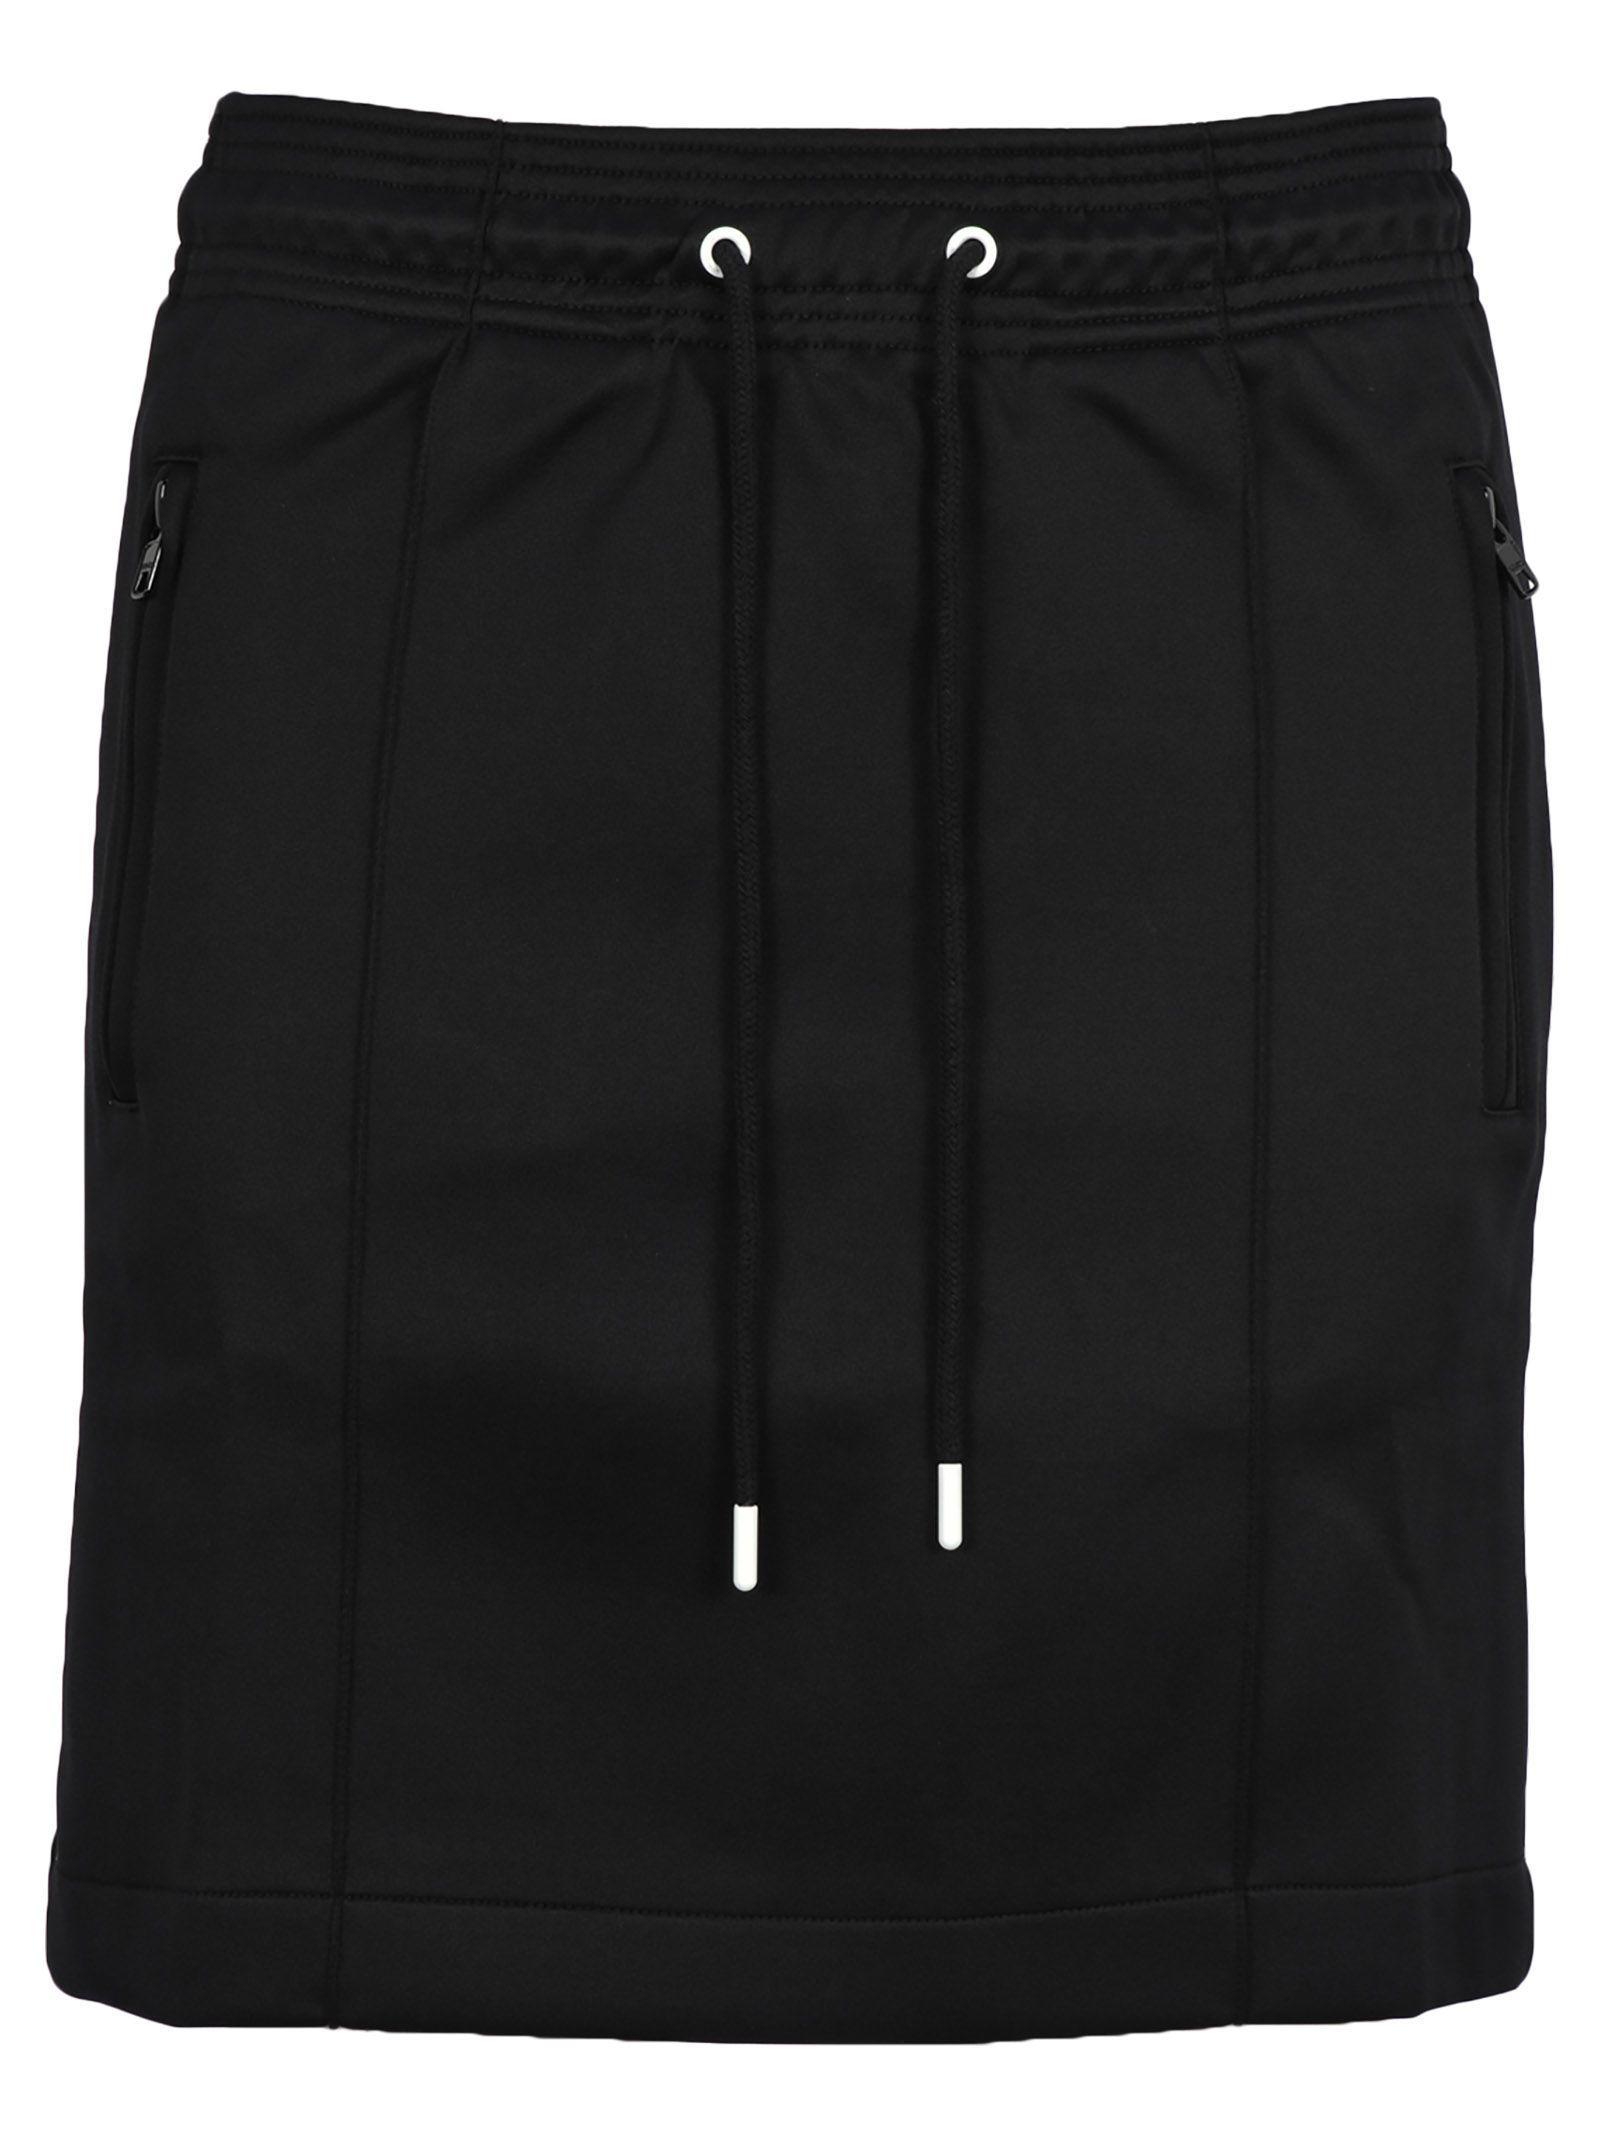 Kenzo Black Nylon Skirt